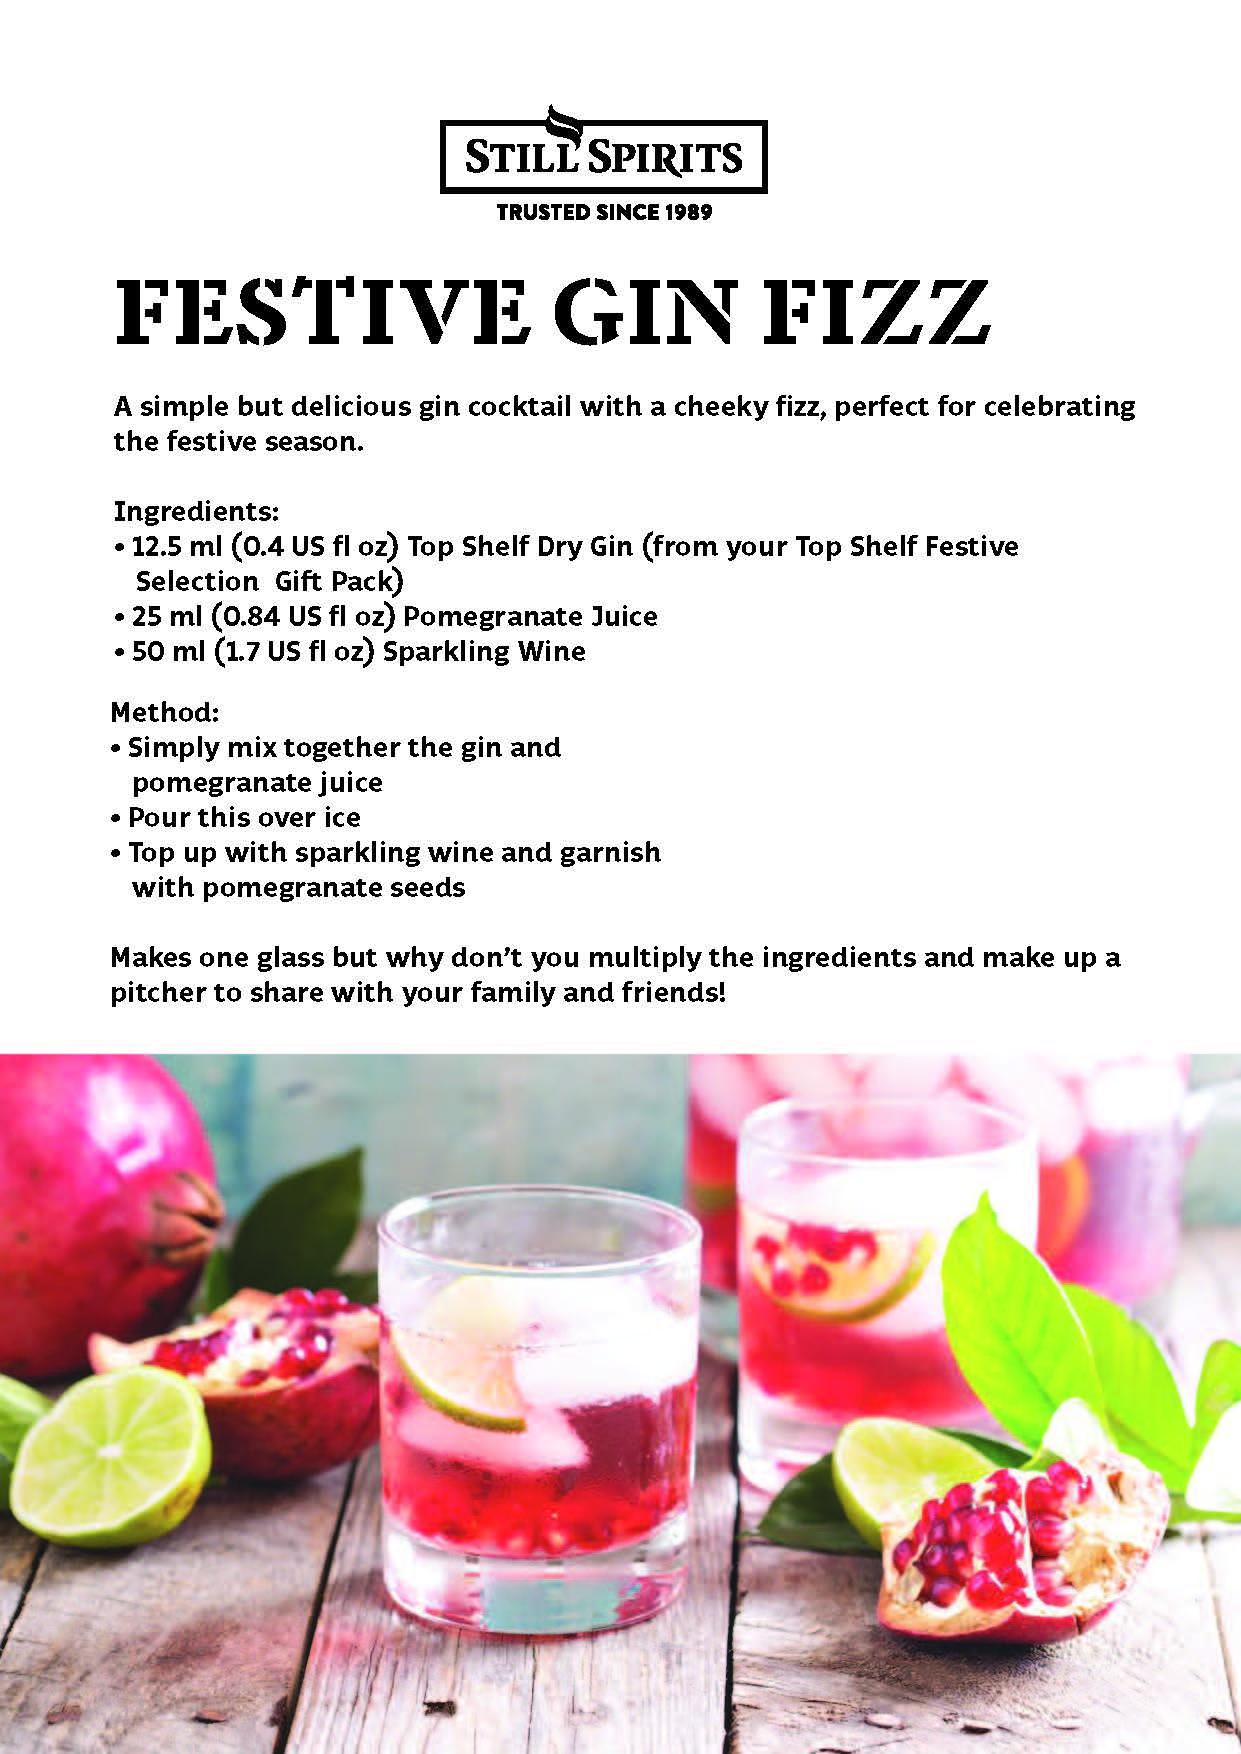 Festive Gin Fizz